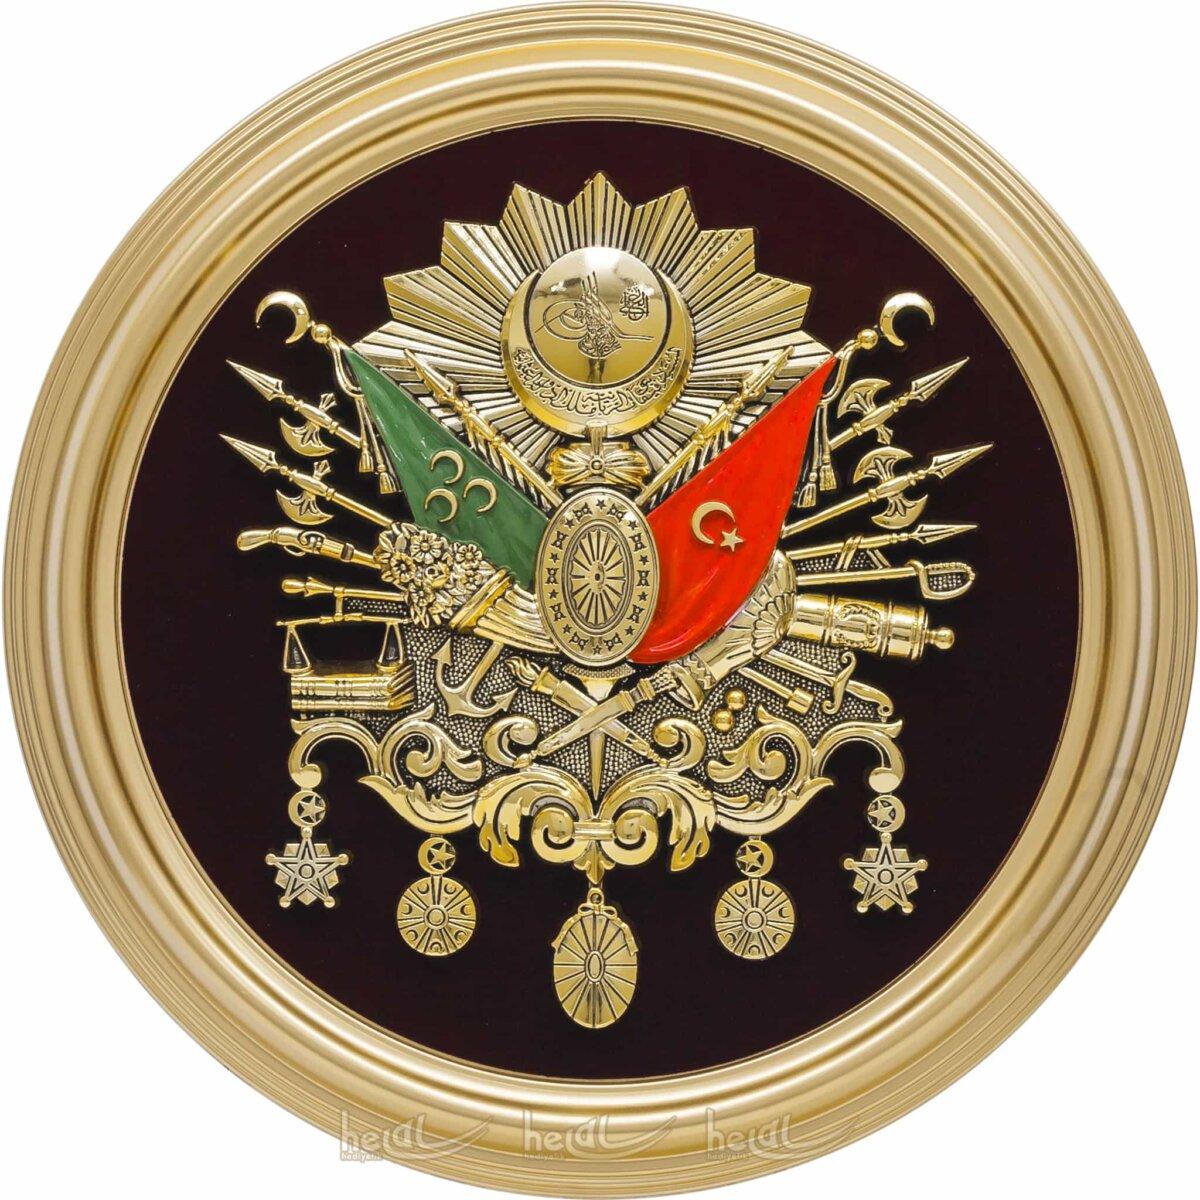 46cm Büyük Boy Osmanlı Devlet Arması Tuğrası Daire Duvar Panosu Osmanlı Armaları